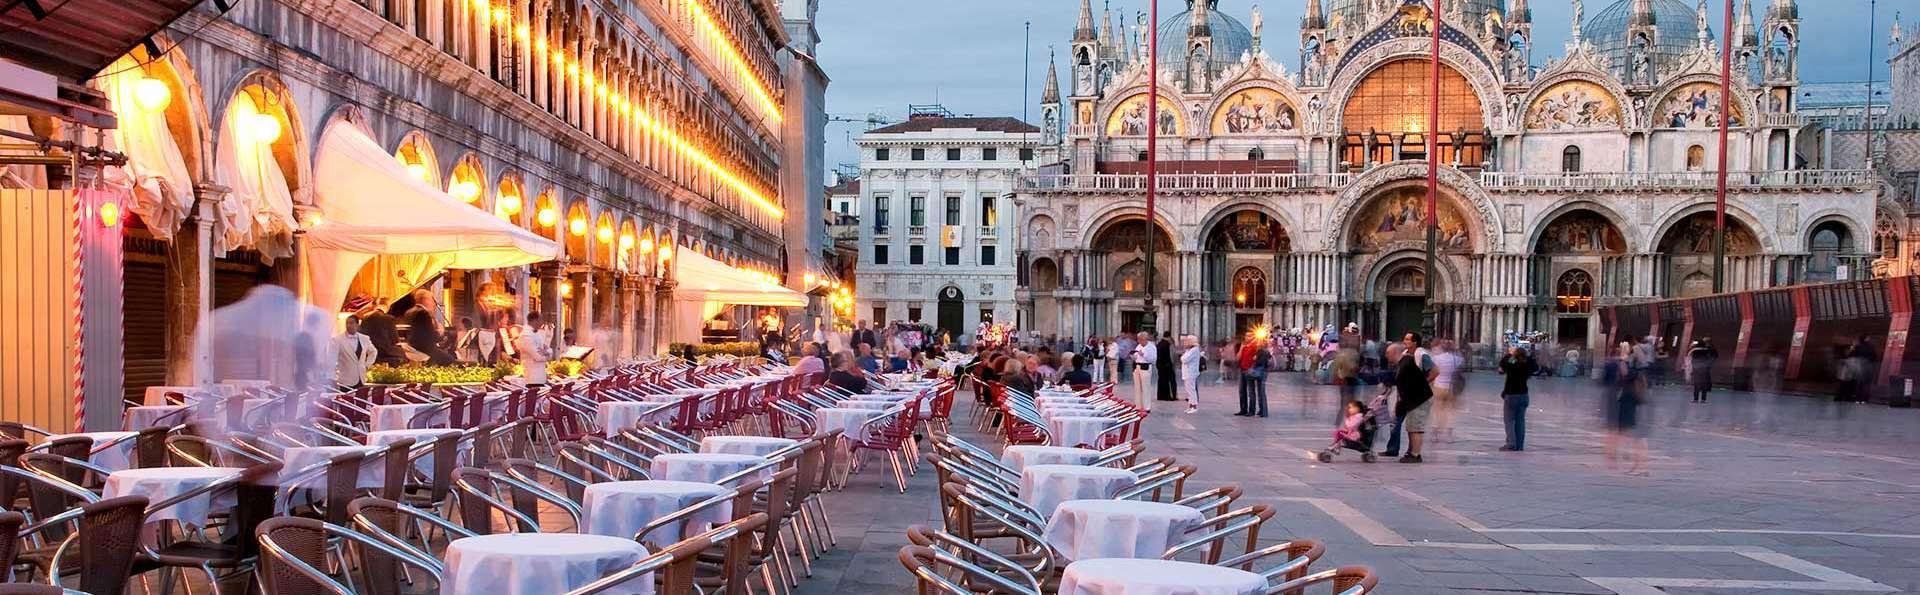 Découvrez Venise, séjour dans un endroit de rêve